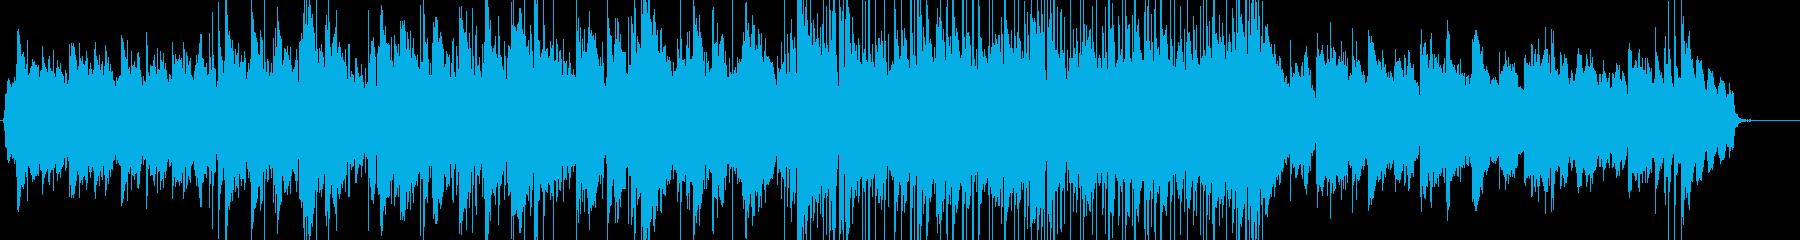 しっとりとして大人な雰囲気のバラードの再生済みの波形